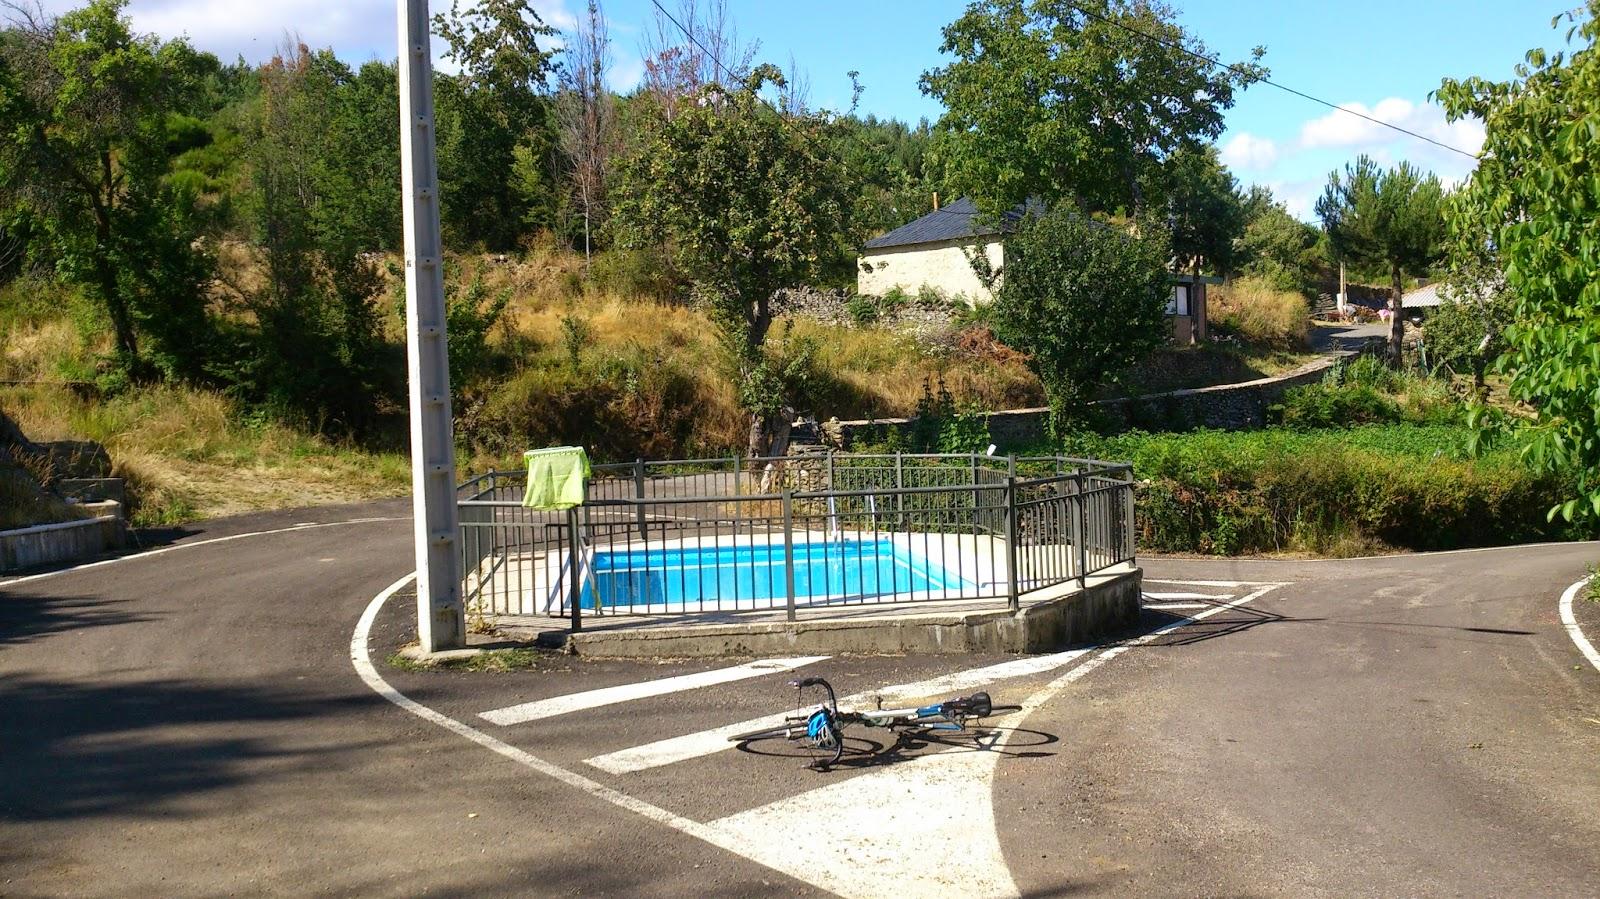 Imagen de la piscina municipal de Villar de Omaña. Foto: puertosdeleon.blogspot.com.es